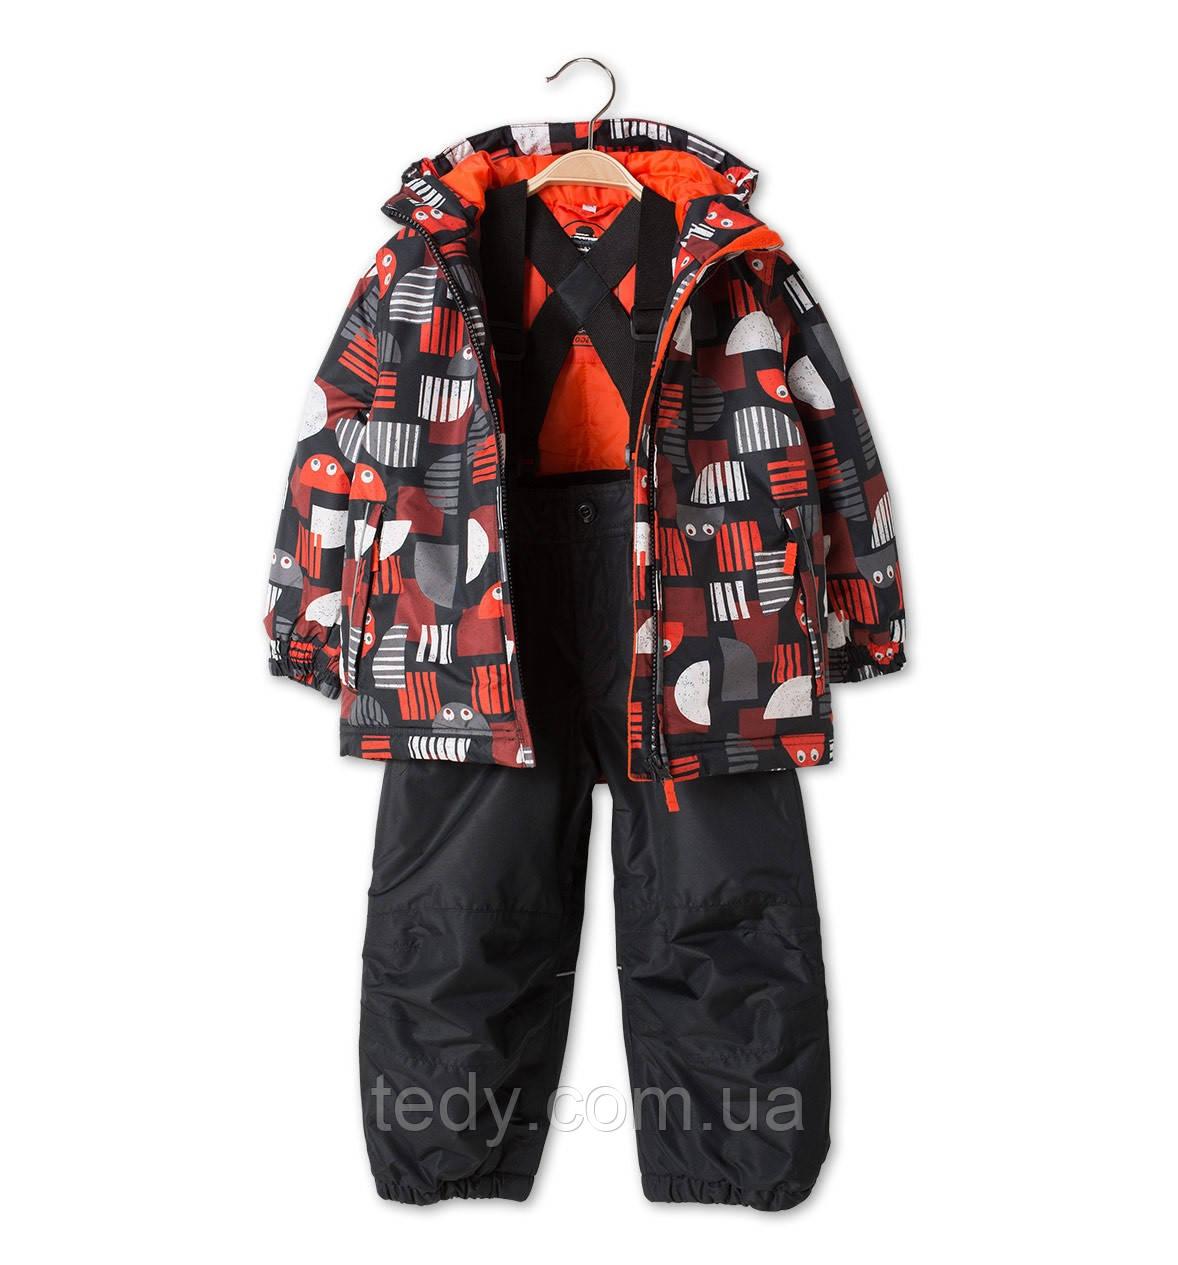 """Мембранный Термокомбинезон С&A Германия - лыжник до -20 мороза """"Чёрный"""""""